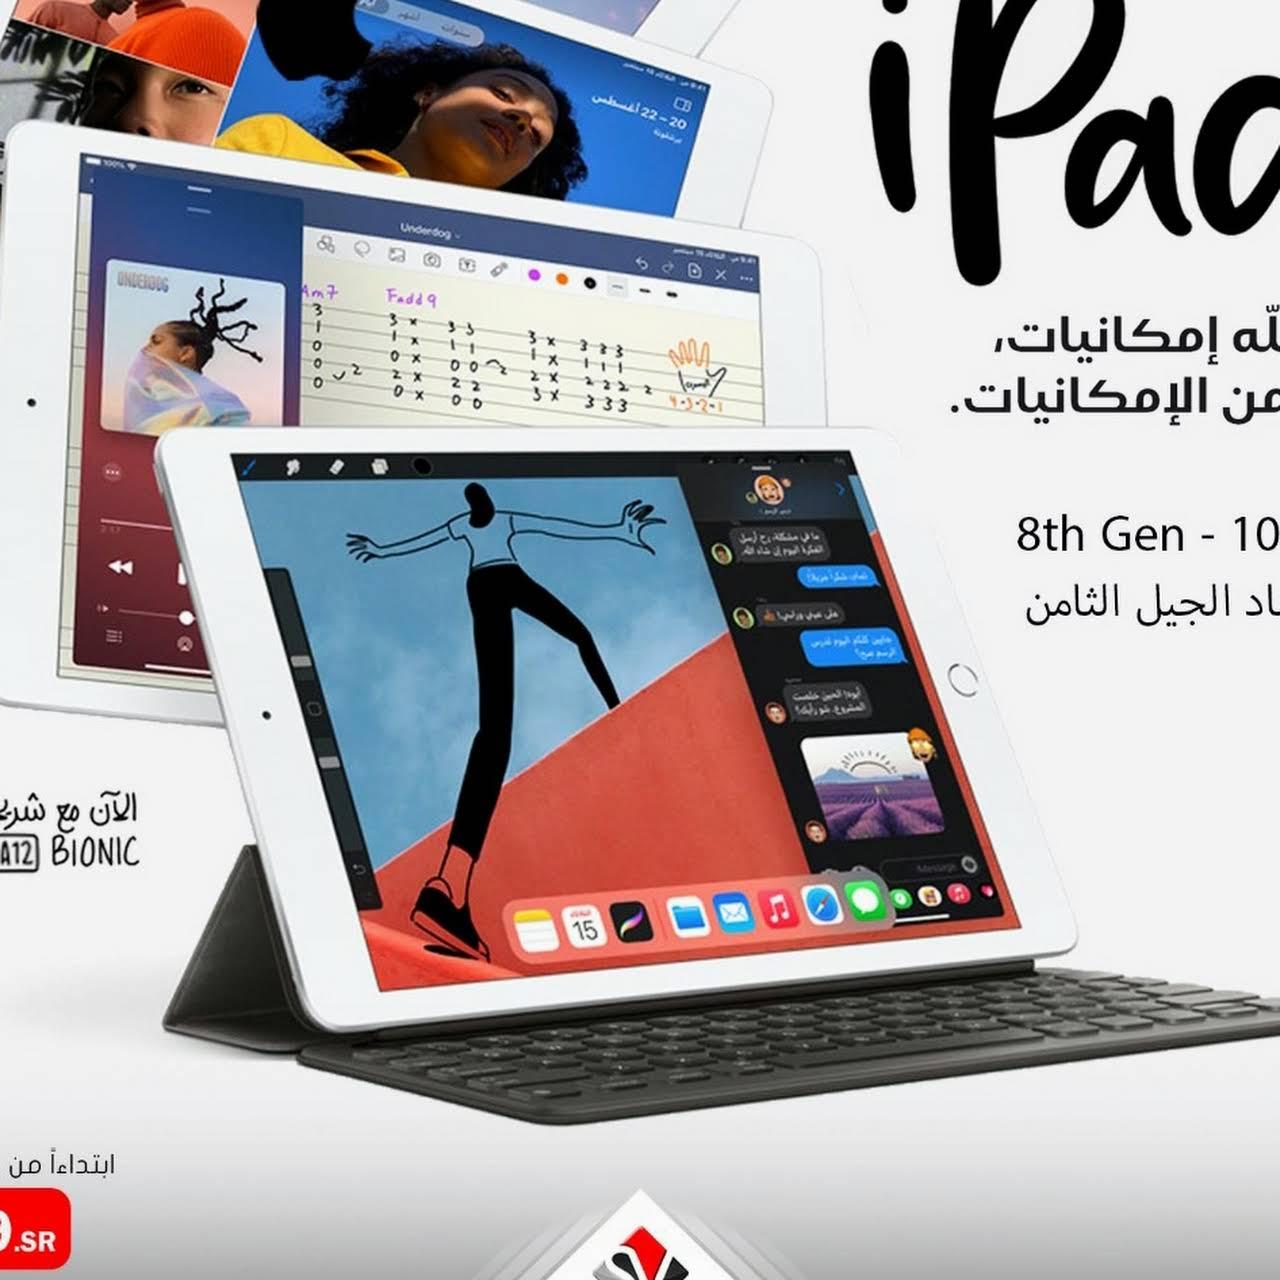 Silicon Valley Computers وادي السيليكون للحاسبات Computer Store In Ash Sharafiyah Jeddah